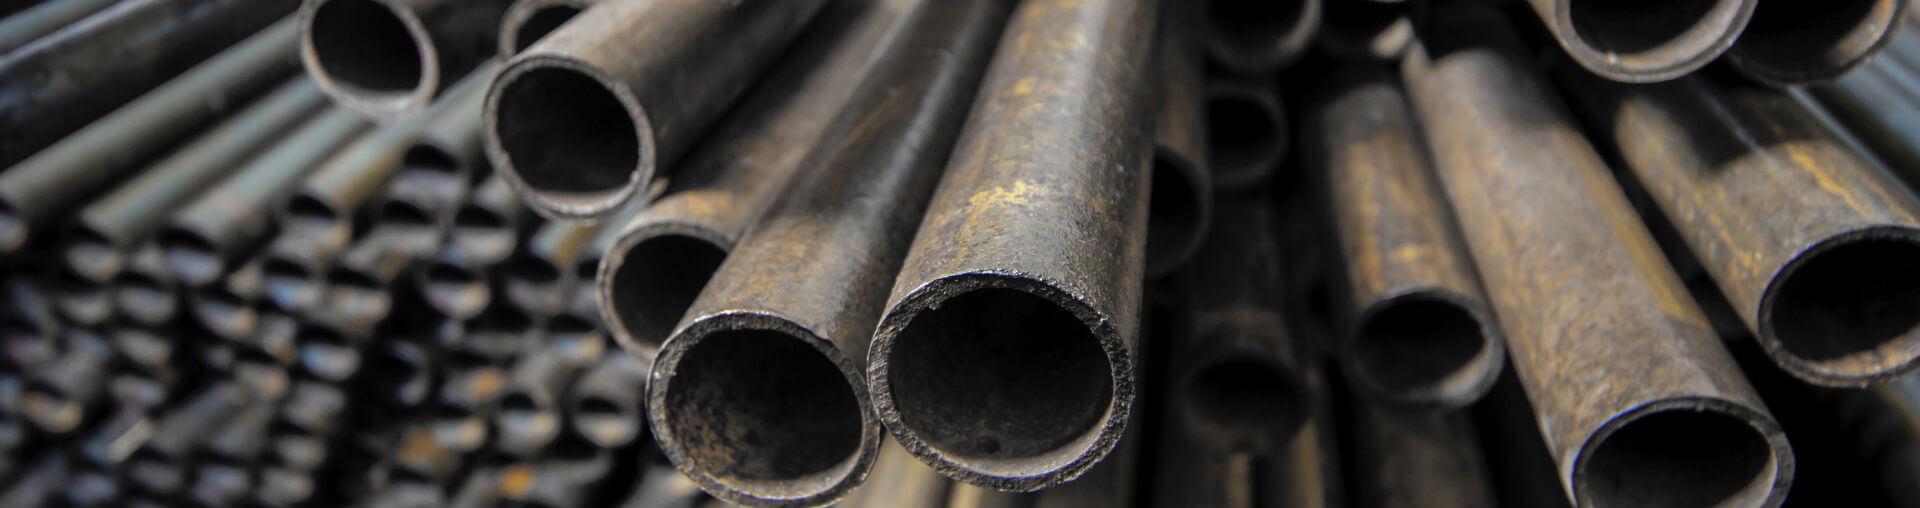 Stahlhandel Eisen Braun Gmbh